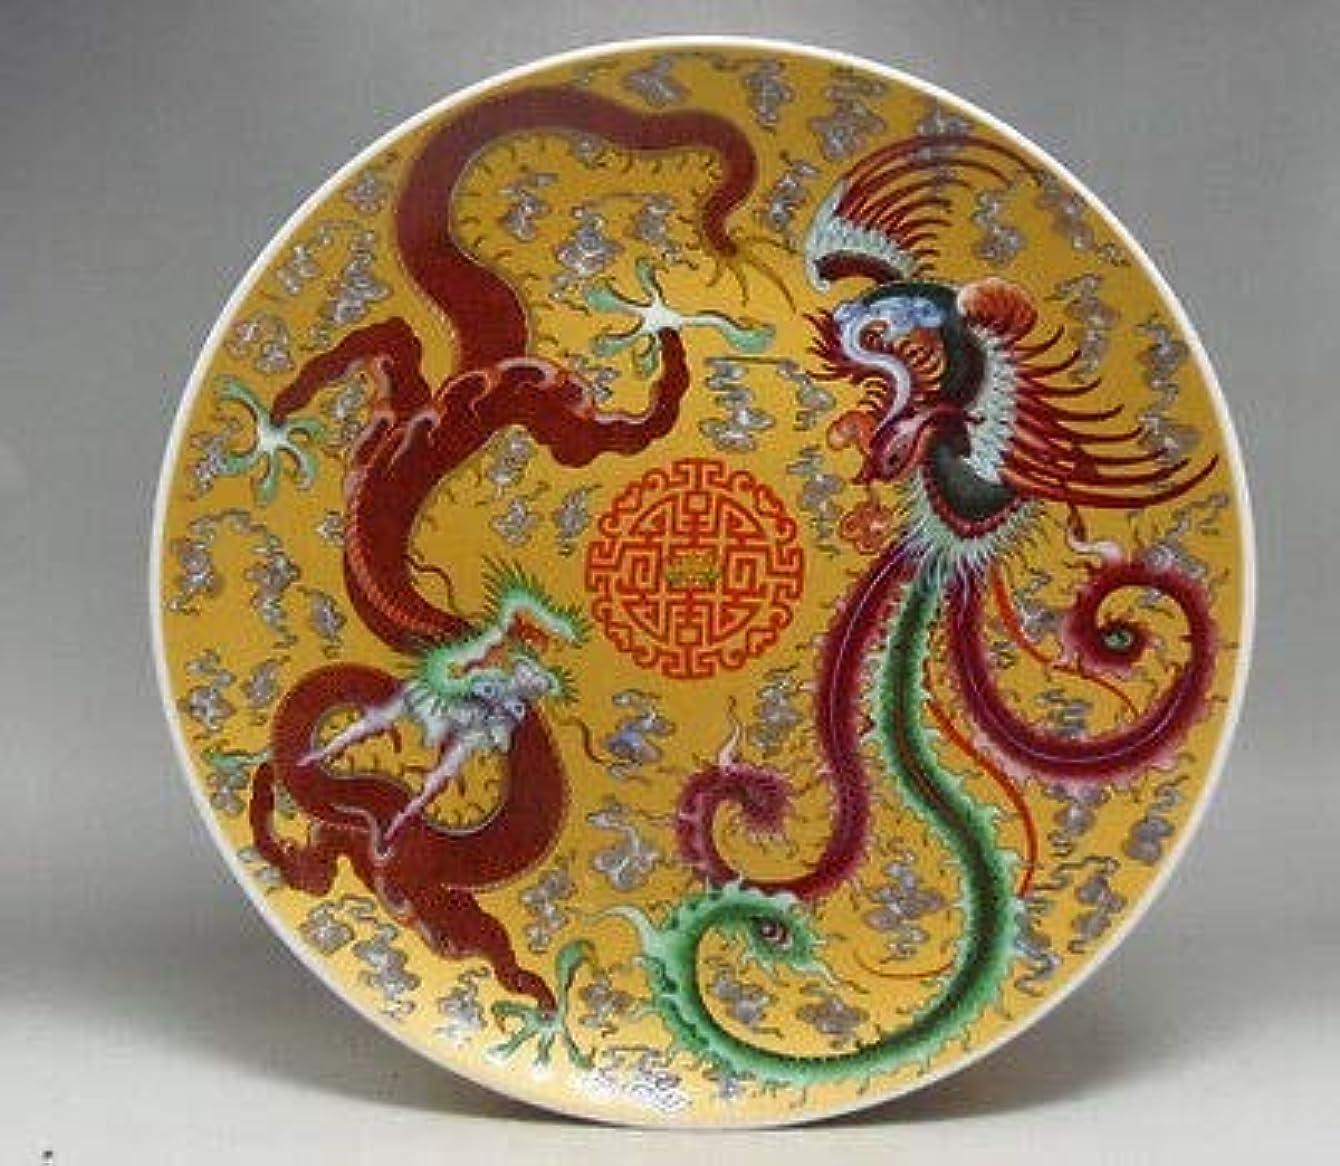 注文せっかち孤独なWOAIPG 磁器 美しく装飾されたドラゴンフェニックス磁器プレート